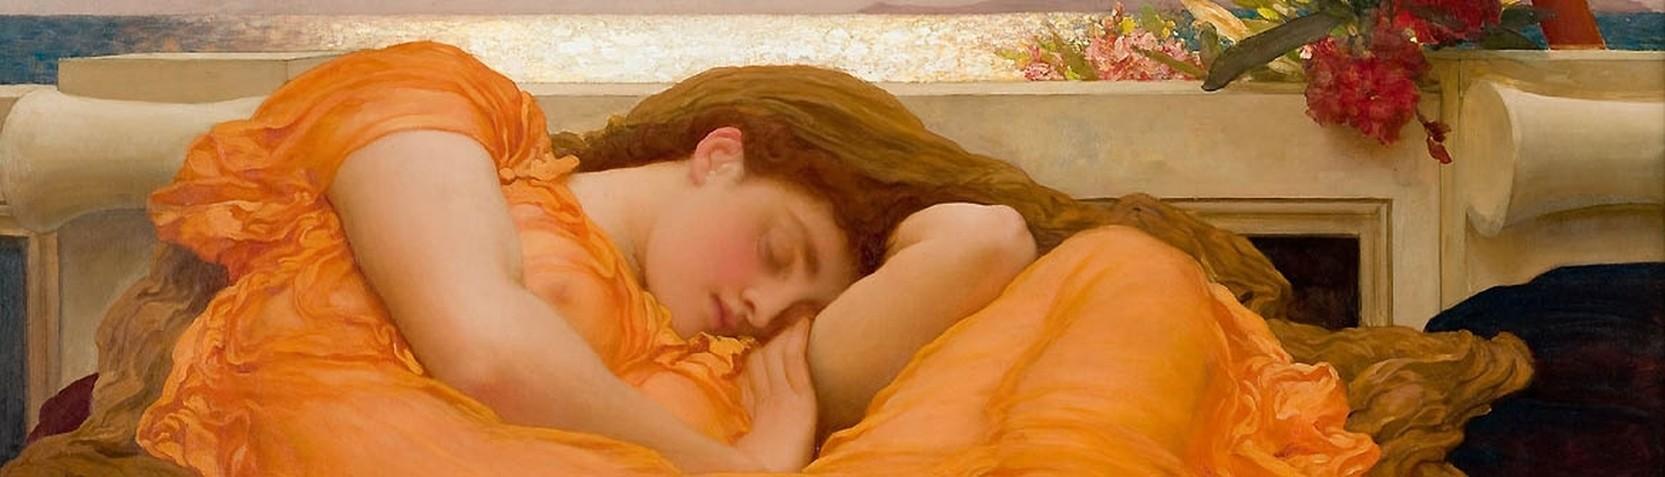 Artistes - Frederic Leighton